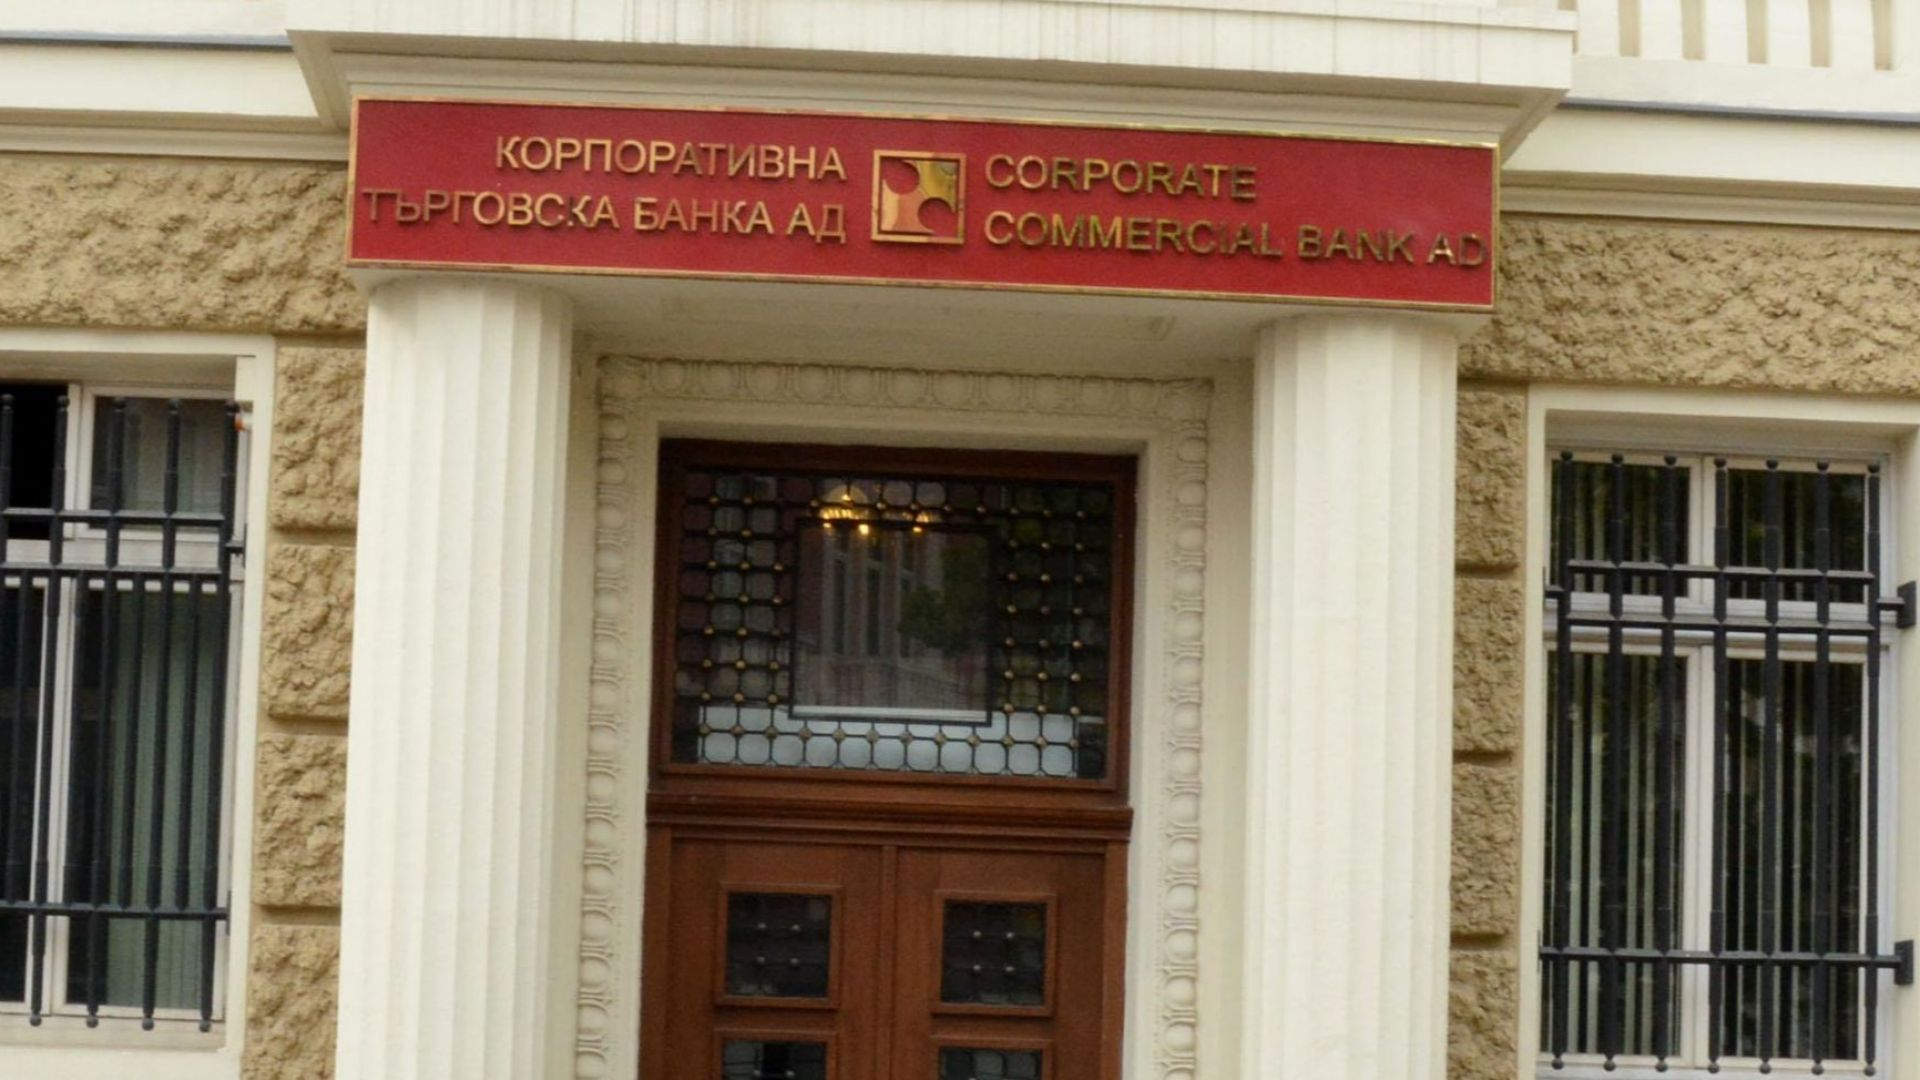 БНБ е осъдена по 5 дела заради нарушение при фалита на КТБ